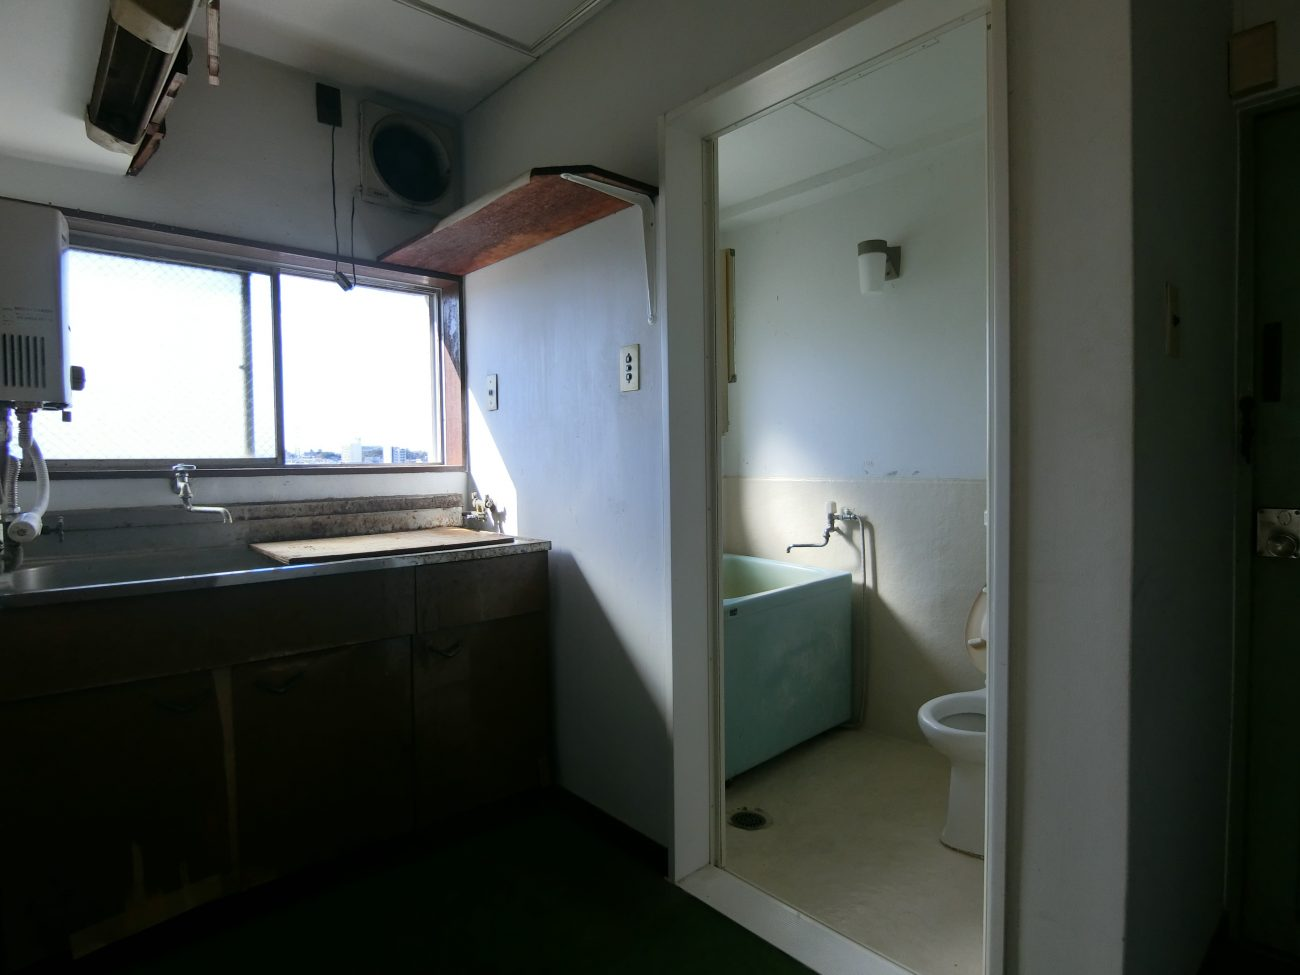 三軒茶屋 築50年 SRC 19㎡ 狭小古部屋をナチュラル1Rにフルリノベで完成前に満室の画像